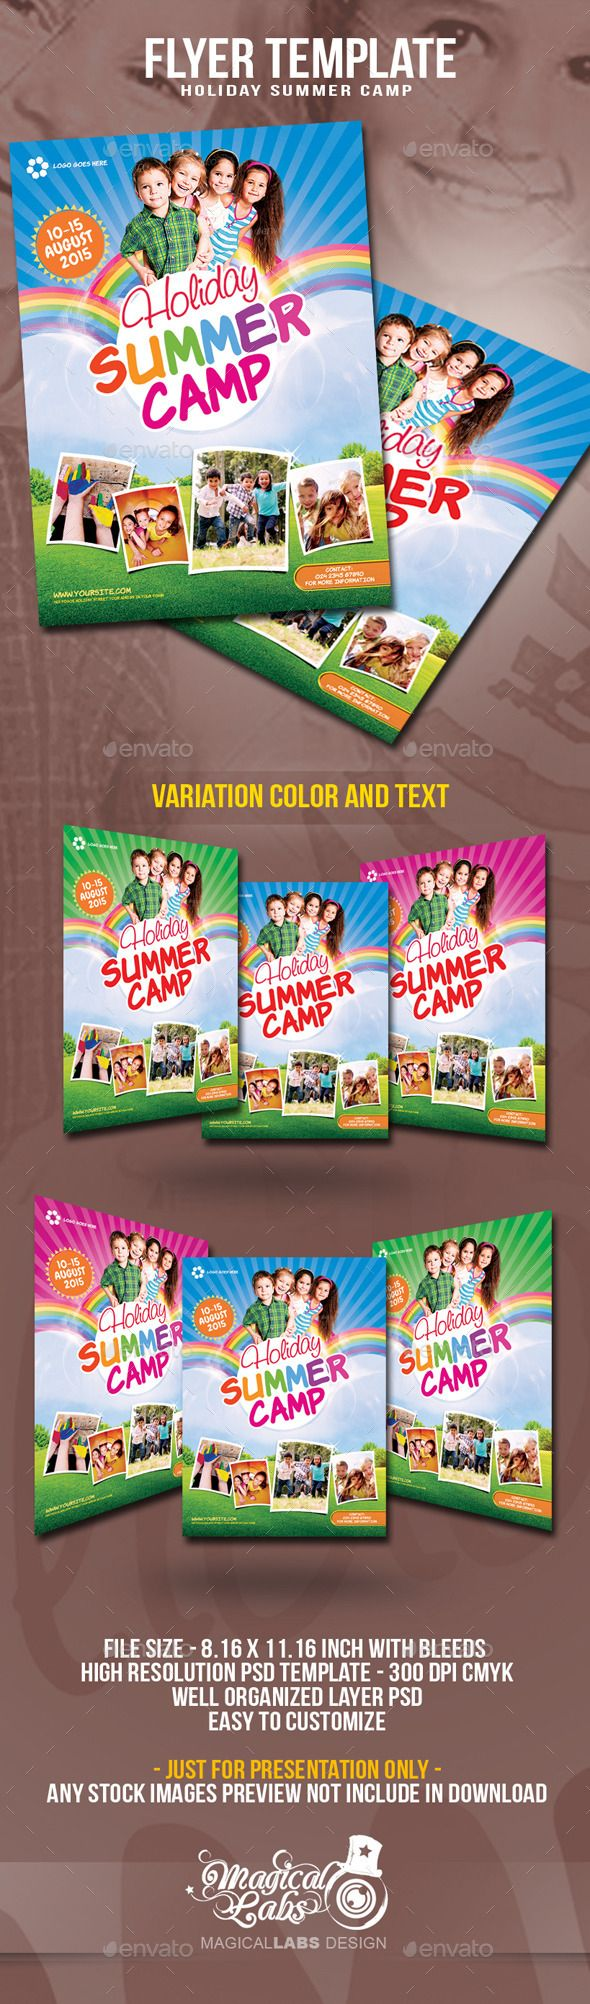 Summer Camp Flyer Template Flyer template, Flyer, Event